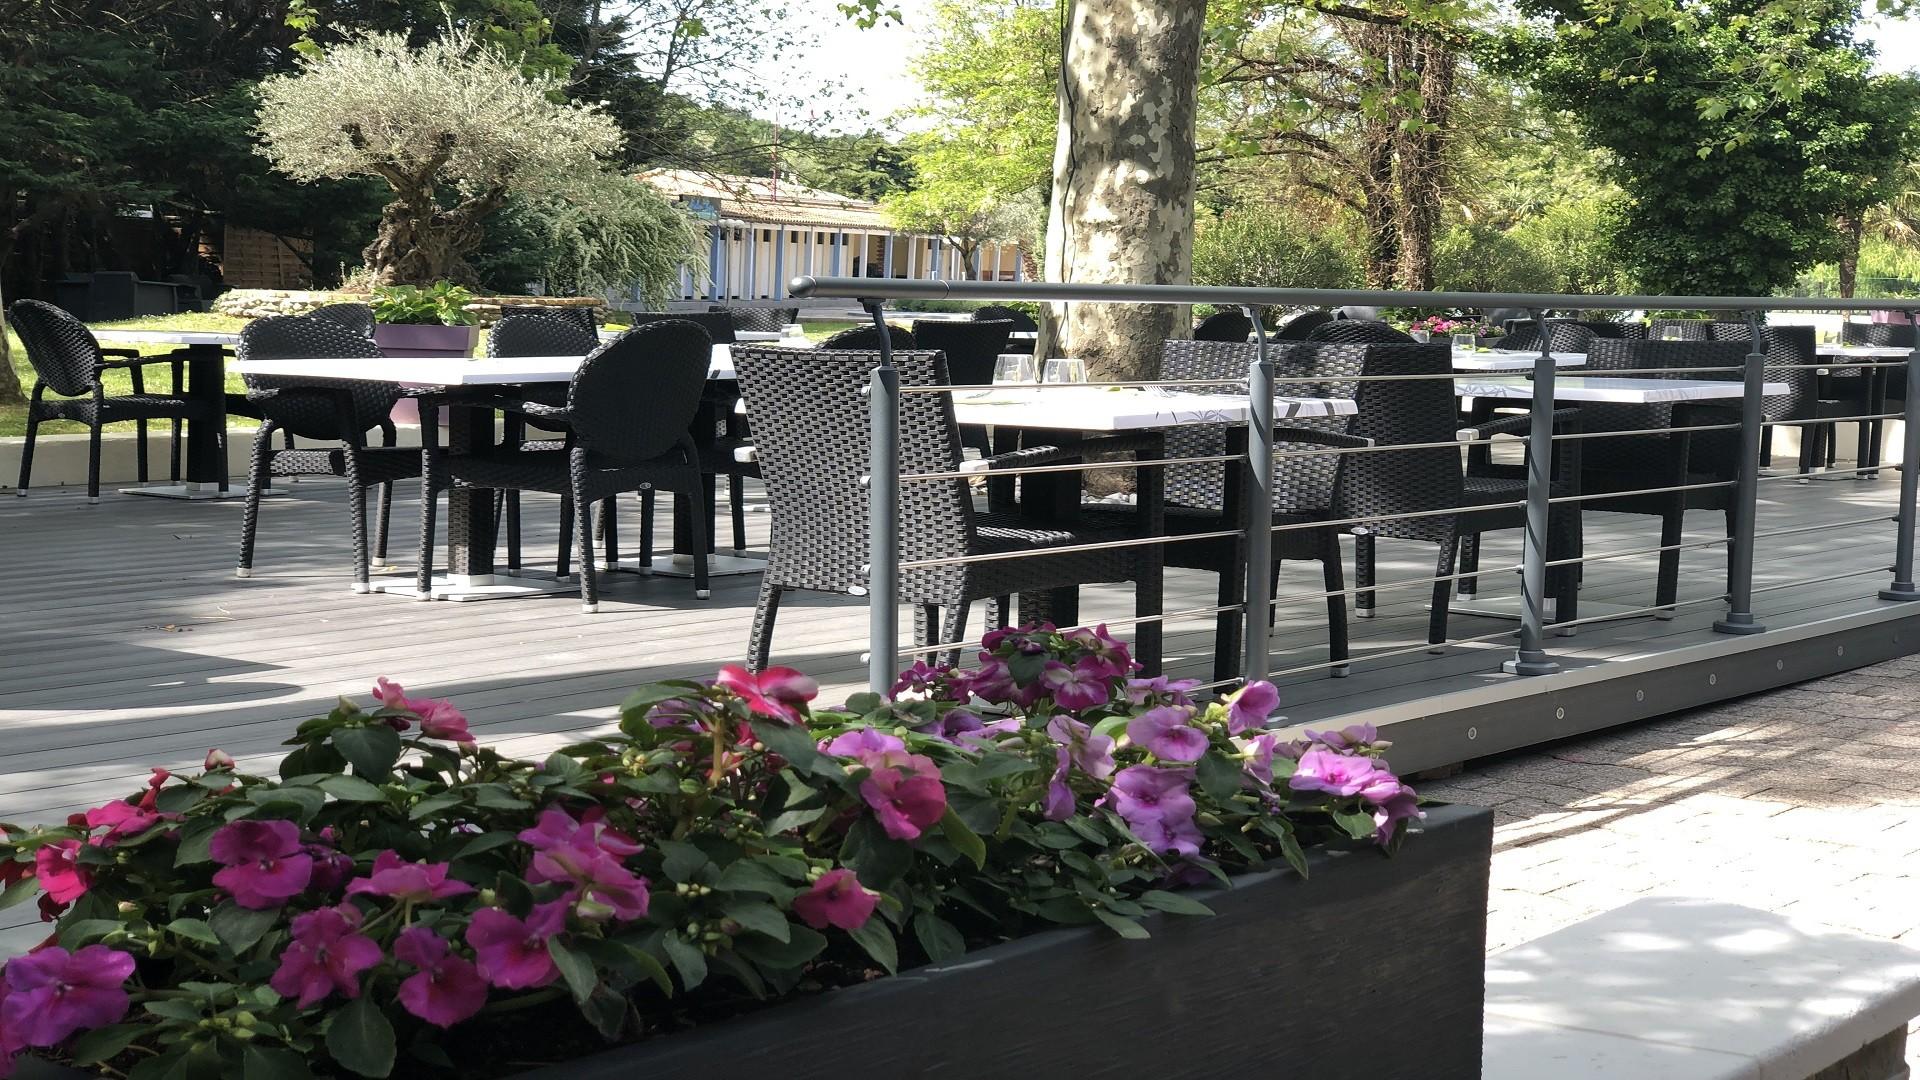 les-oliviers-loriol-sur-drome-valence-reunions-seminaires-de-caractere-jardins